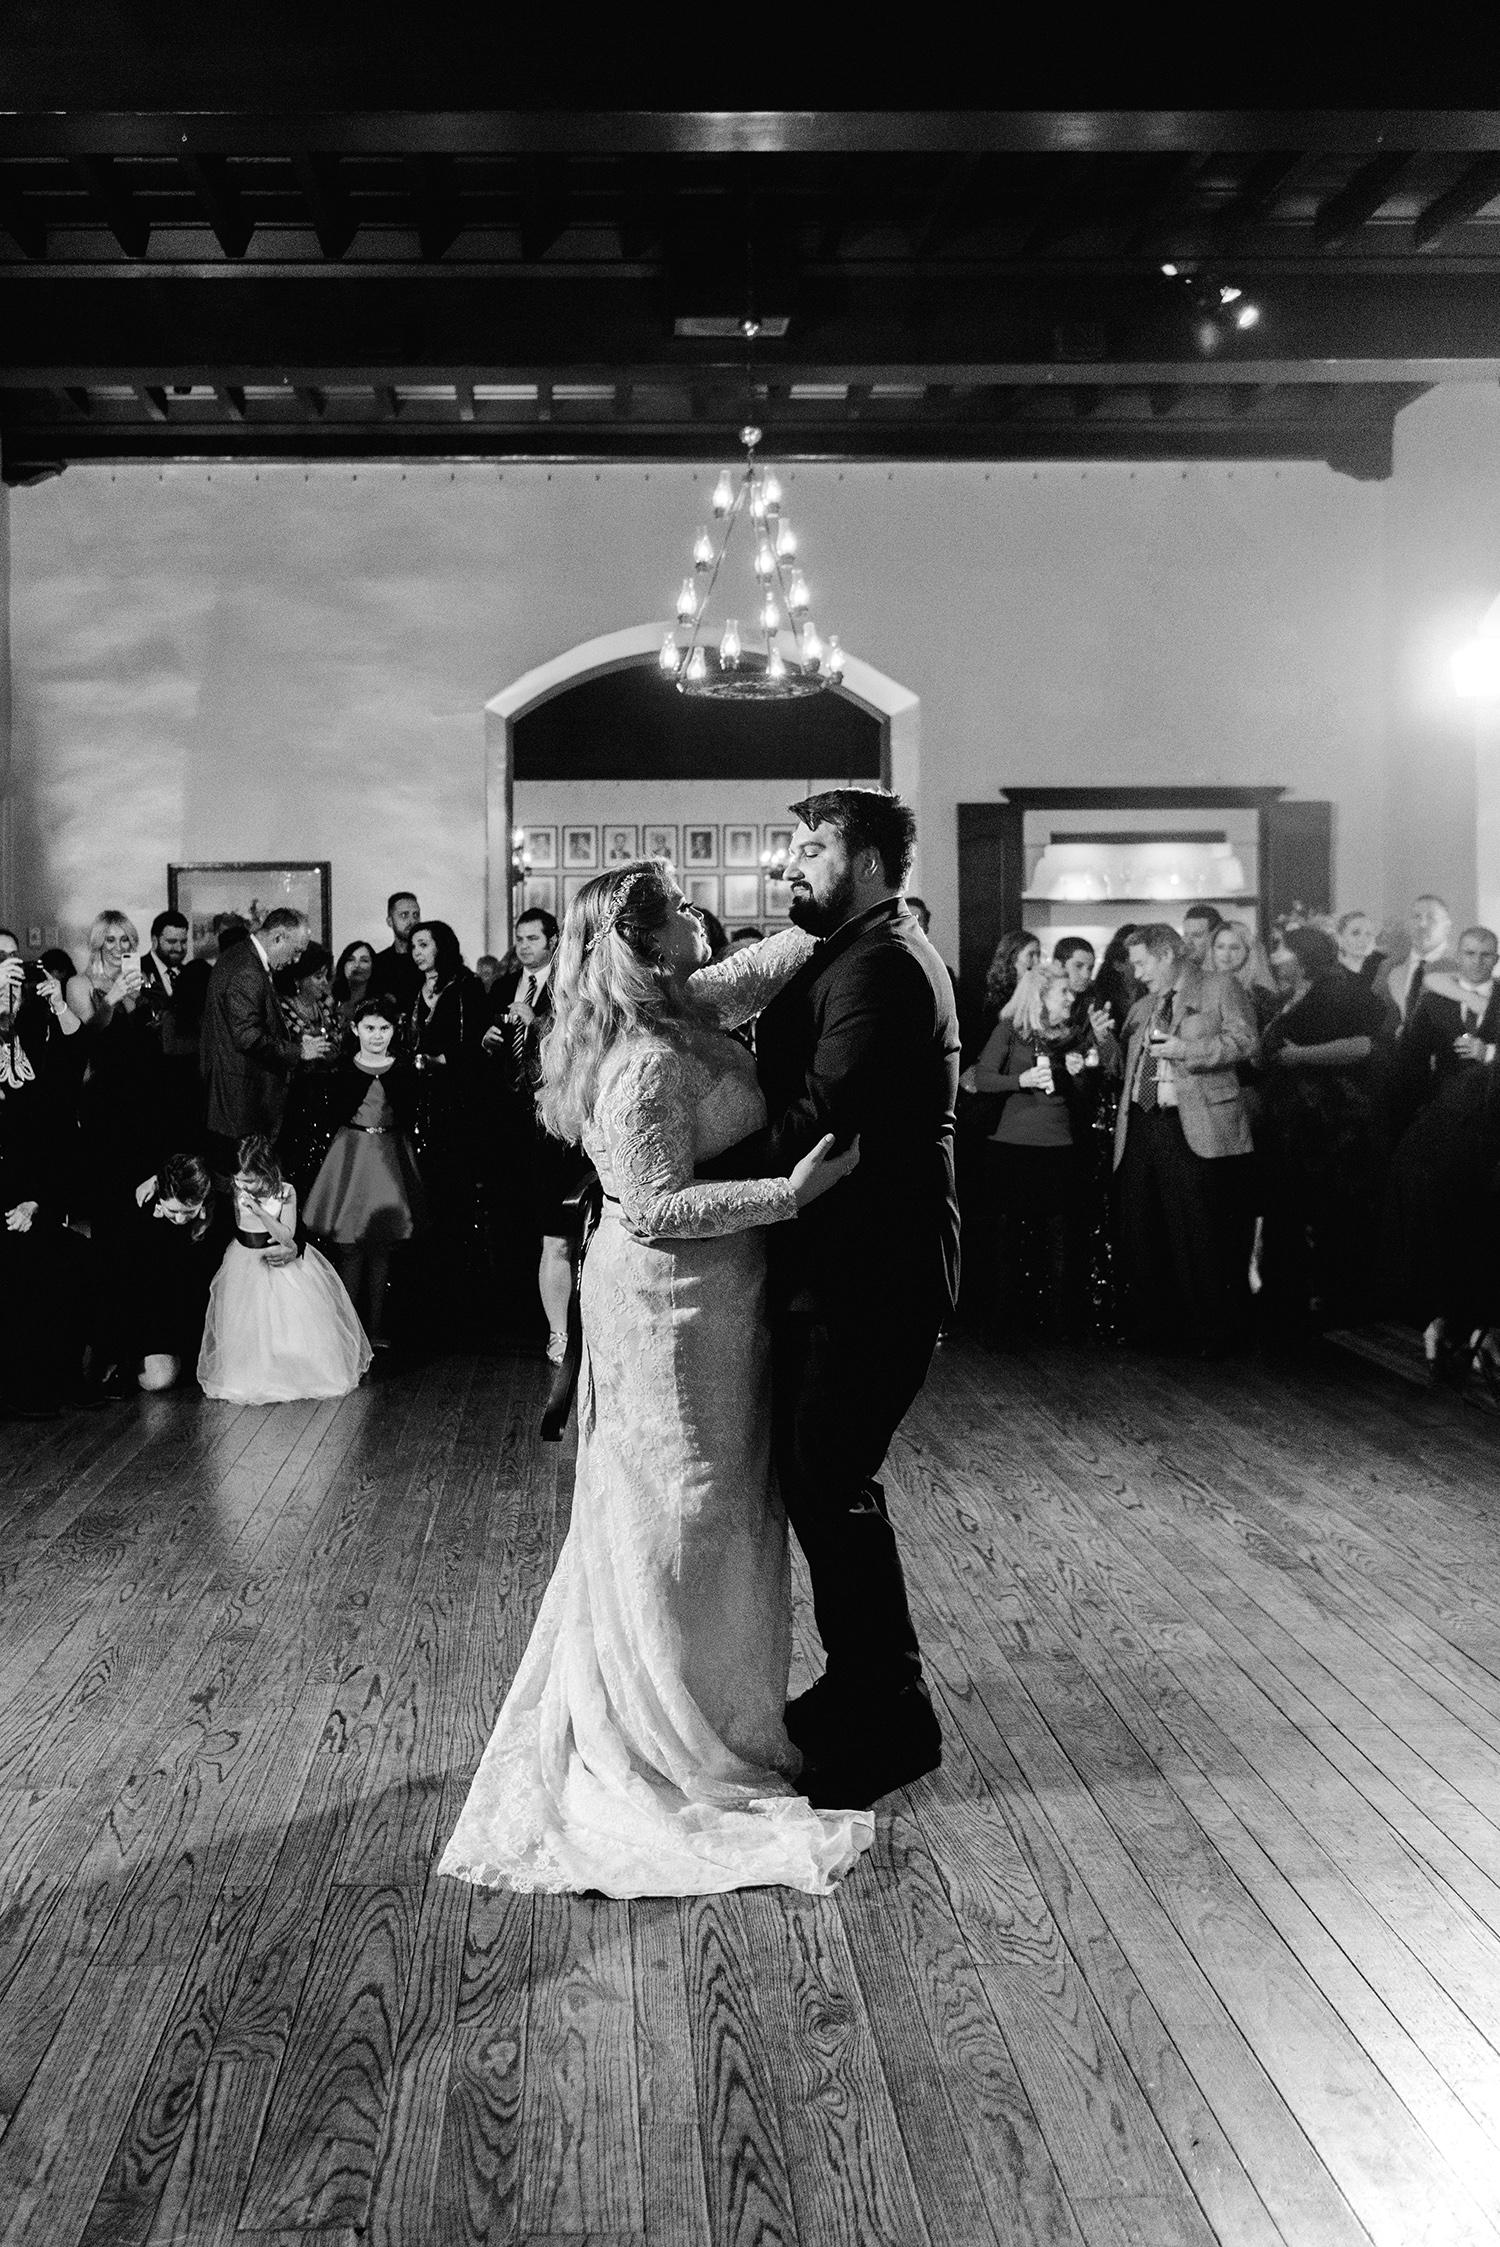 johanna erik wedding reception first dance